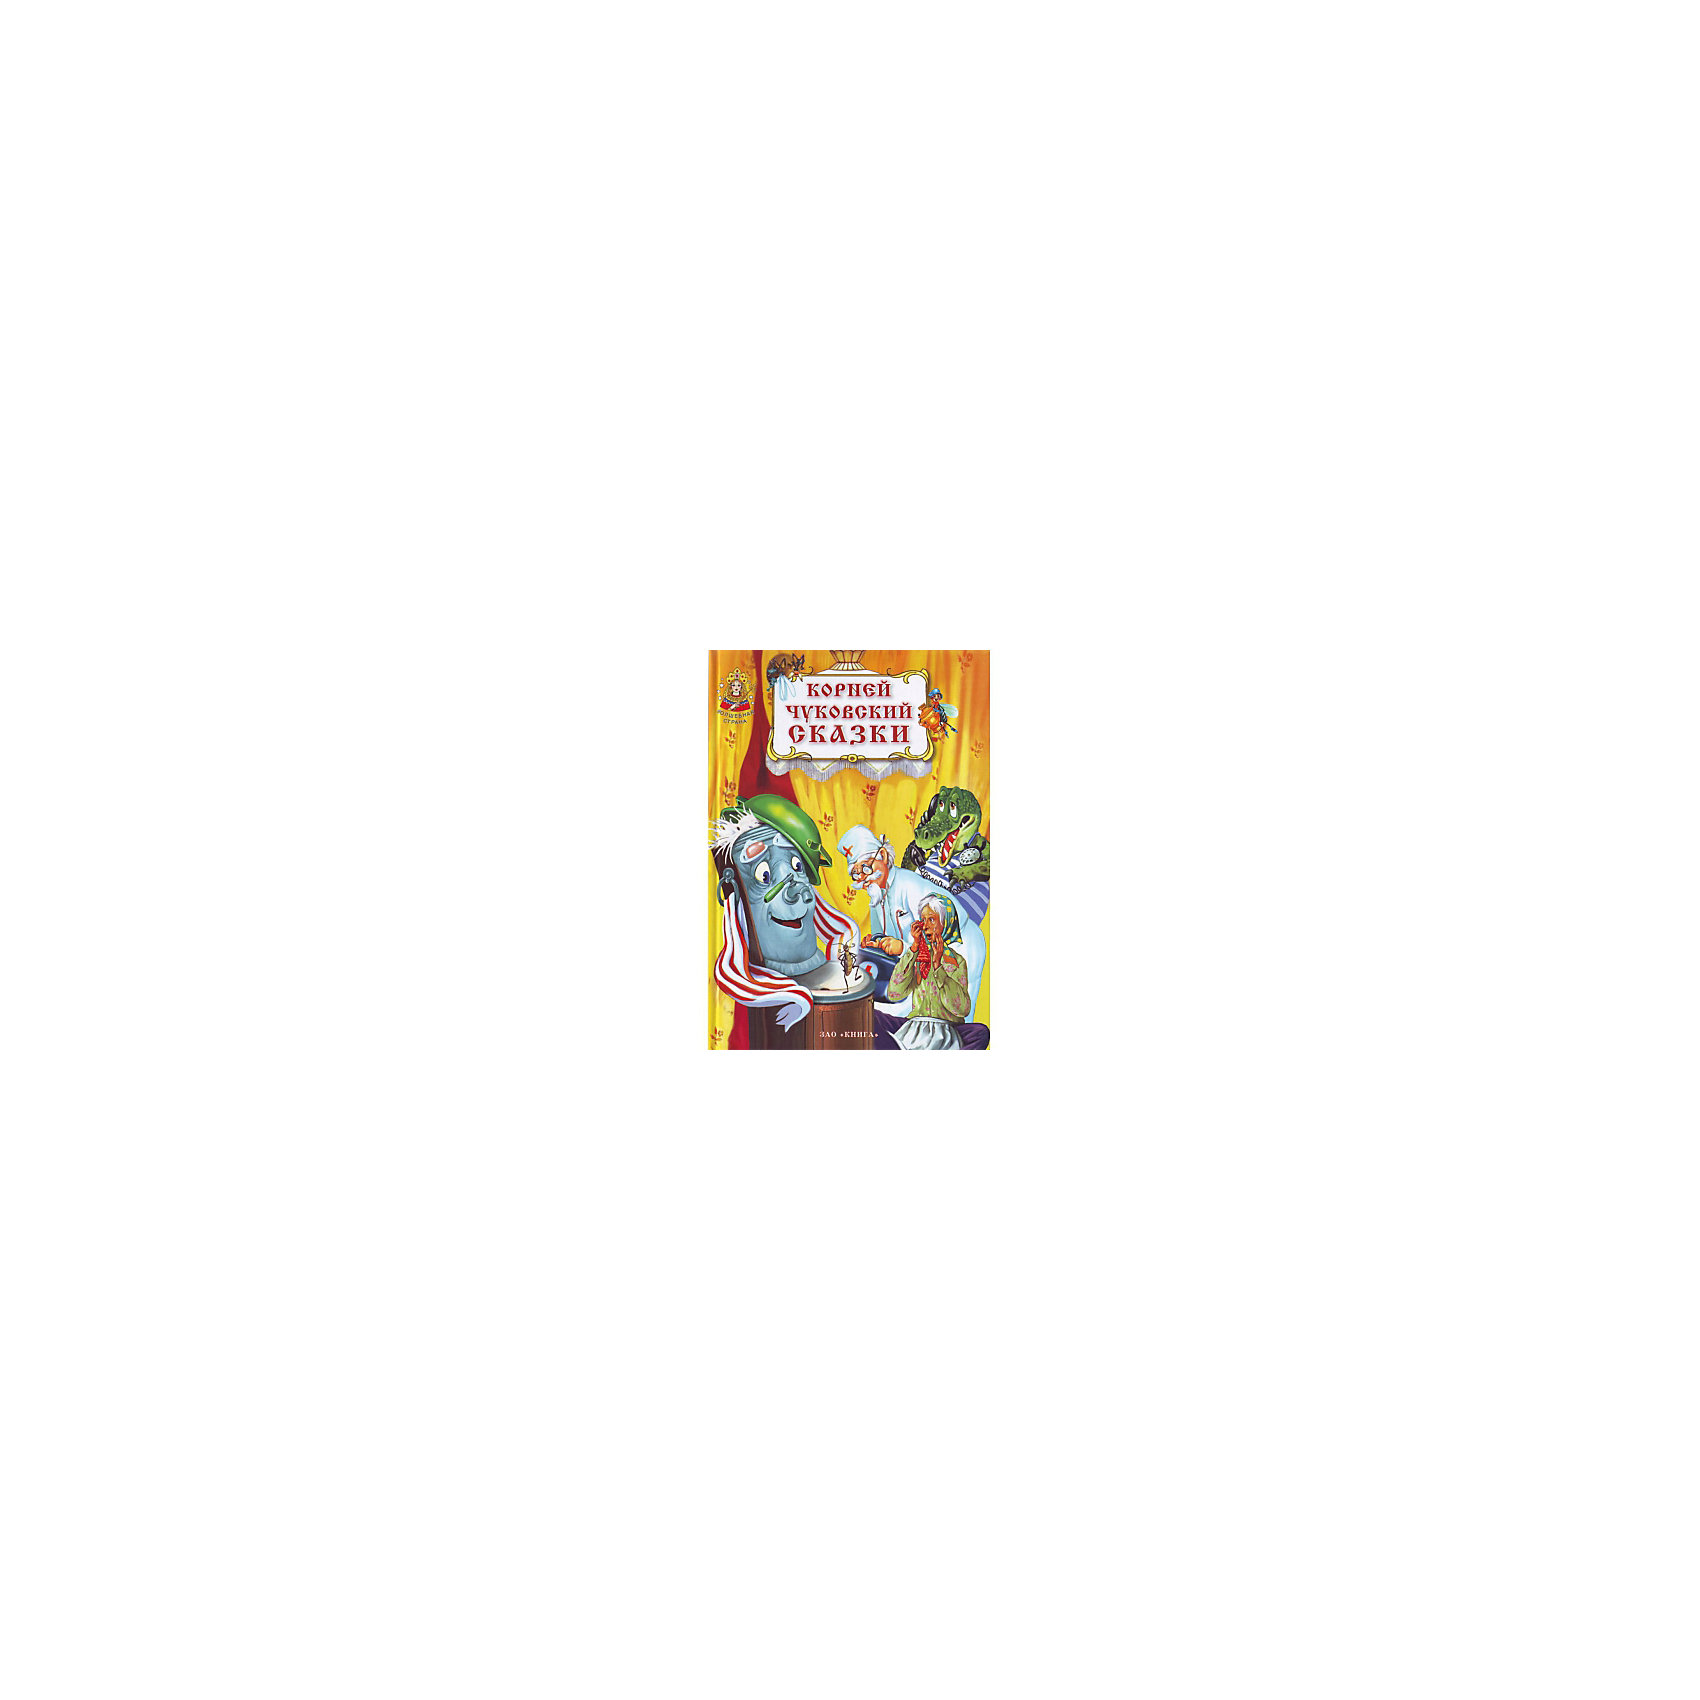 Сказки Чуковского: серия сказок Волшебная странаРусские сказки<br>Сборник сказок Корнея Чуковского. Для детей дошкольного и младшего школьного возраста.<br><br>СОДЕРЖАНИЕ:<br>Муха-Цокотуха<br>Тараканище<br>Мойдодыр<br>Айболит<br>Телефон<br>Федорино горе<br>Краденое солнце.<br><br>Ширина мм: 245<br>Глубина мм: 170<br>Высота мм: 100<br>Вес г: 500<br>Возраст от месяцев: 36<br>Возраст до месяцев: 2147483647<br>Пол: Унисекс<br>Возраст: Детский<br>SKU: 5521182